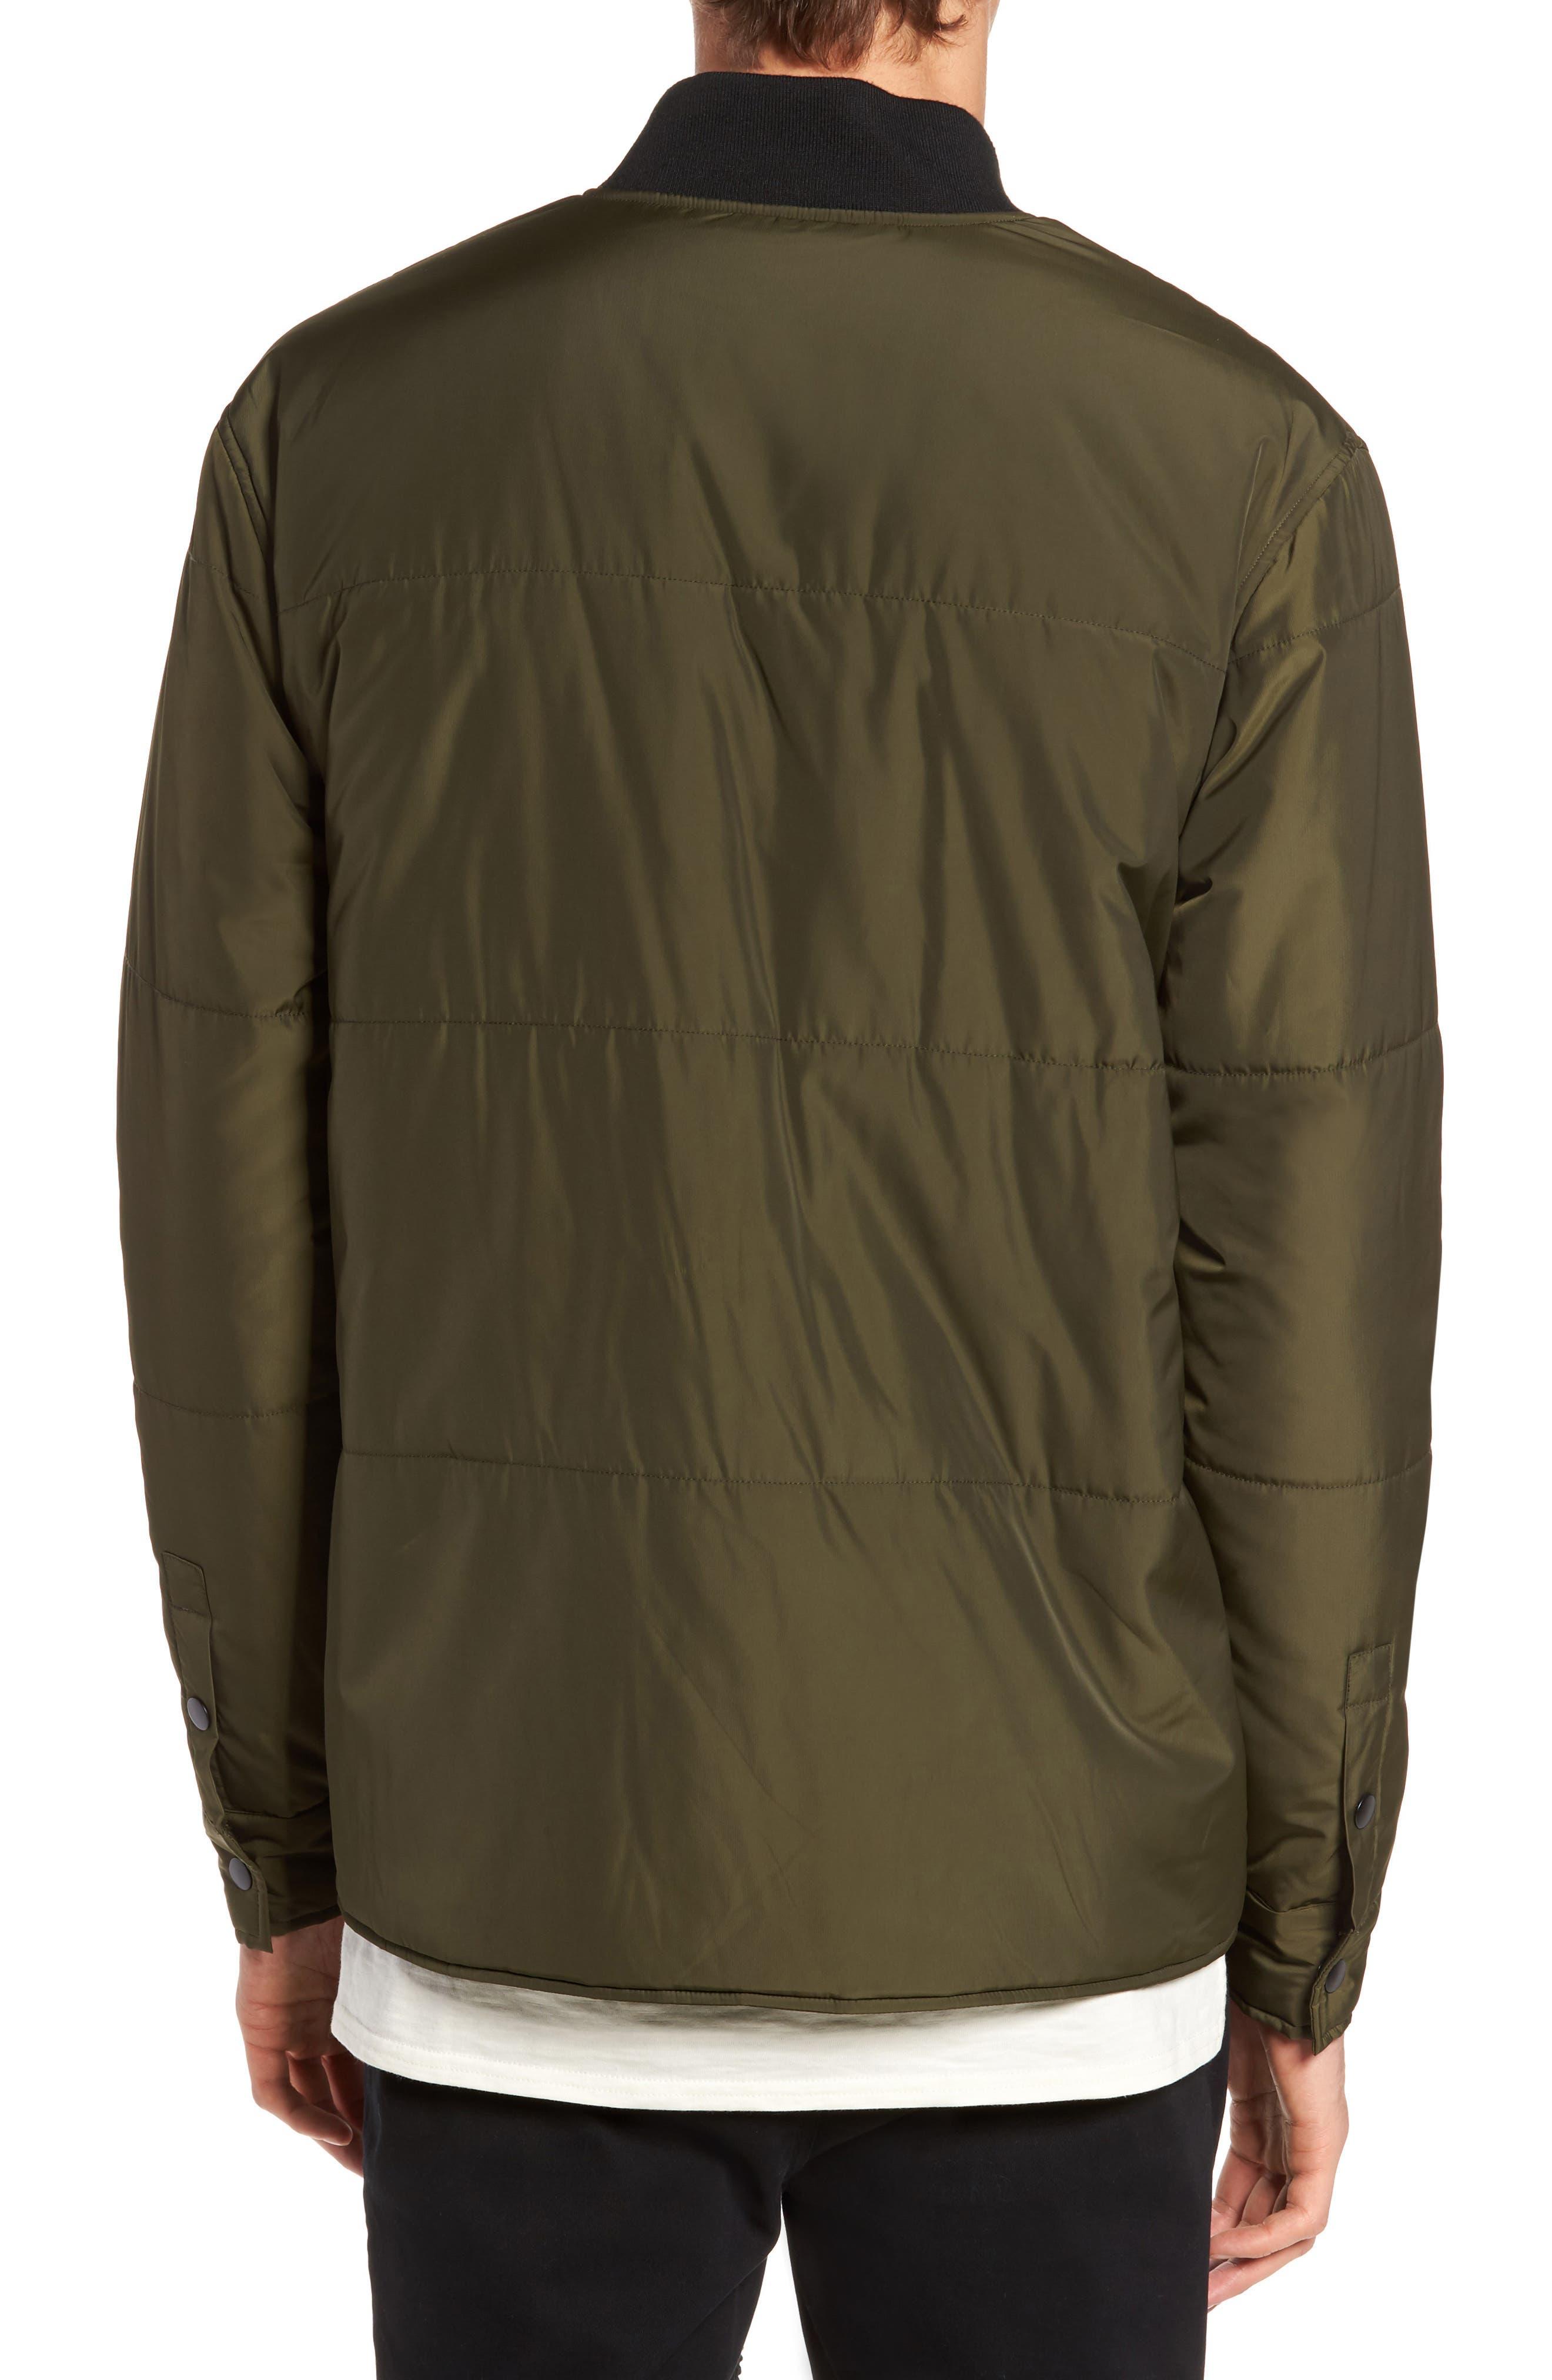 Alternate Image 2  - Lira Clothing Bundy Bomber Jacket